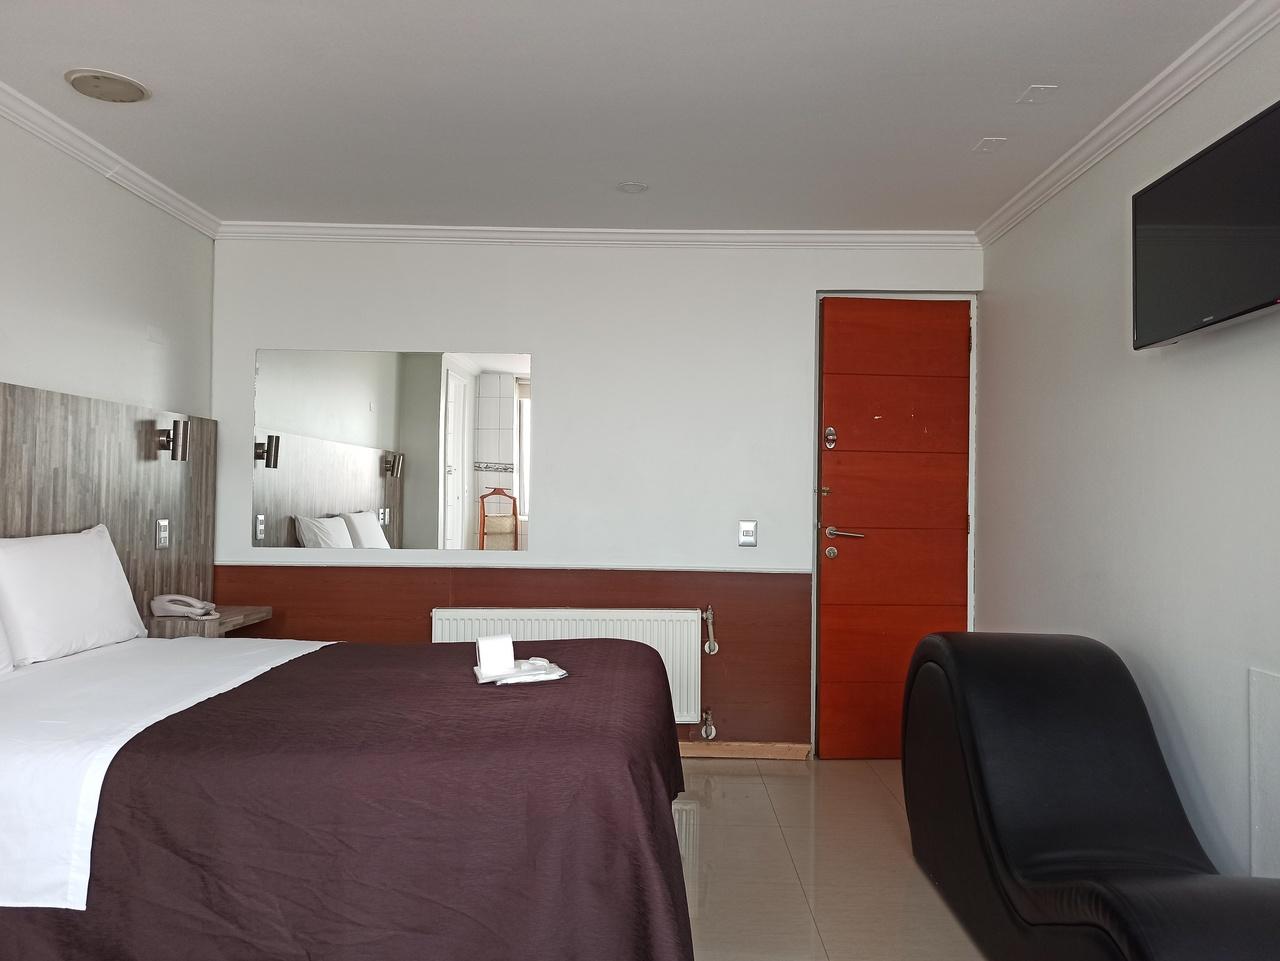 Habitación Tantra en Love Motel Providencia : MotelNow